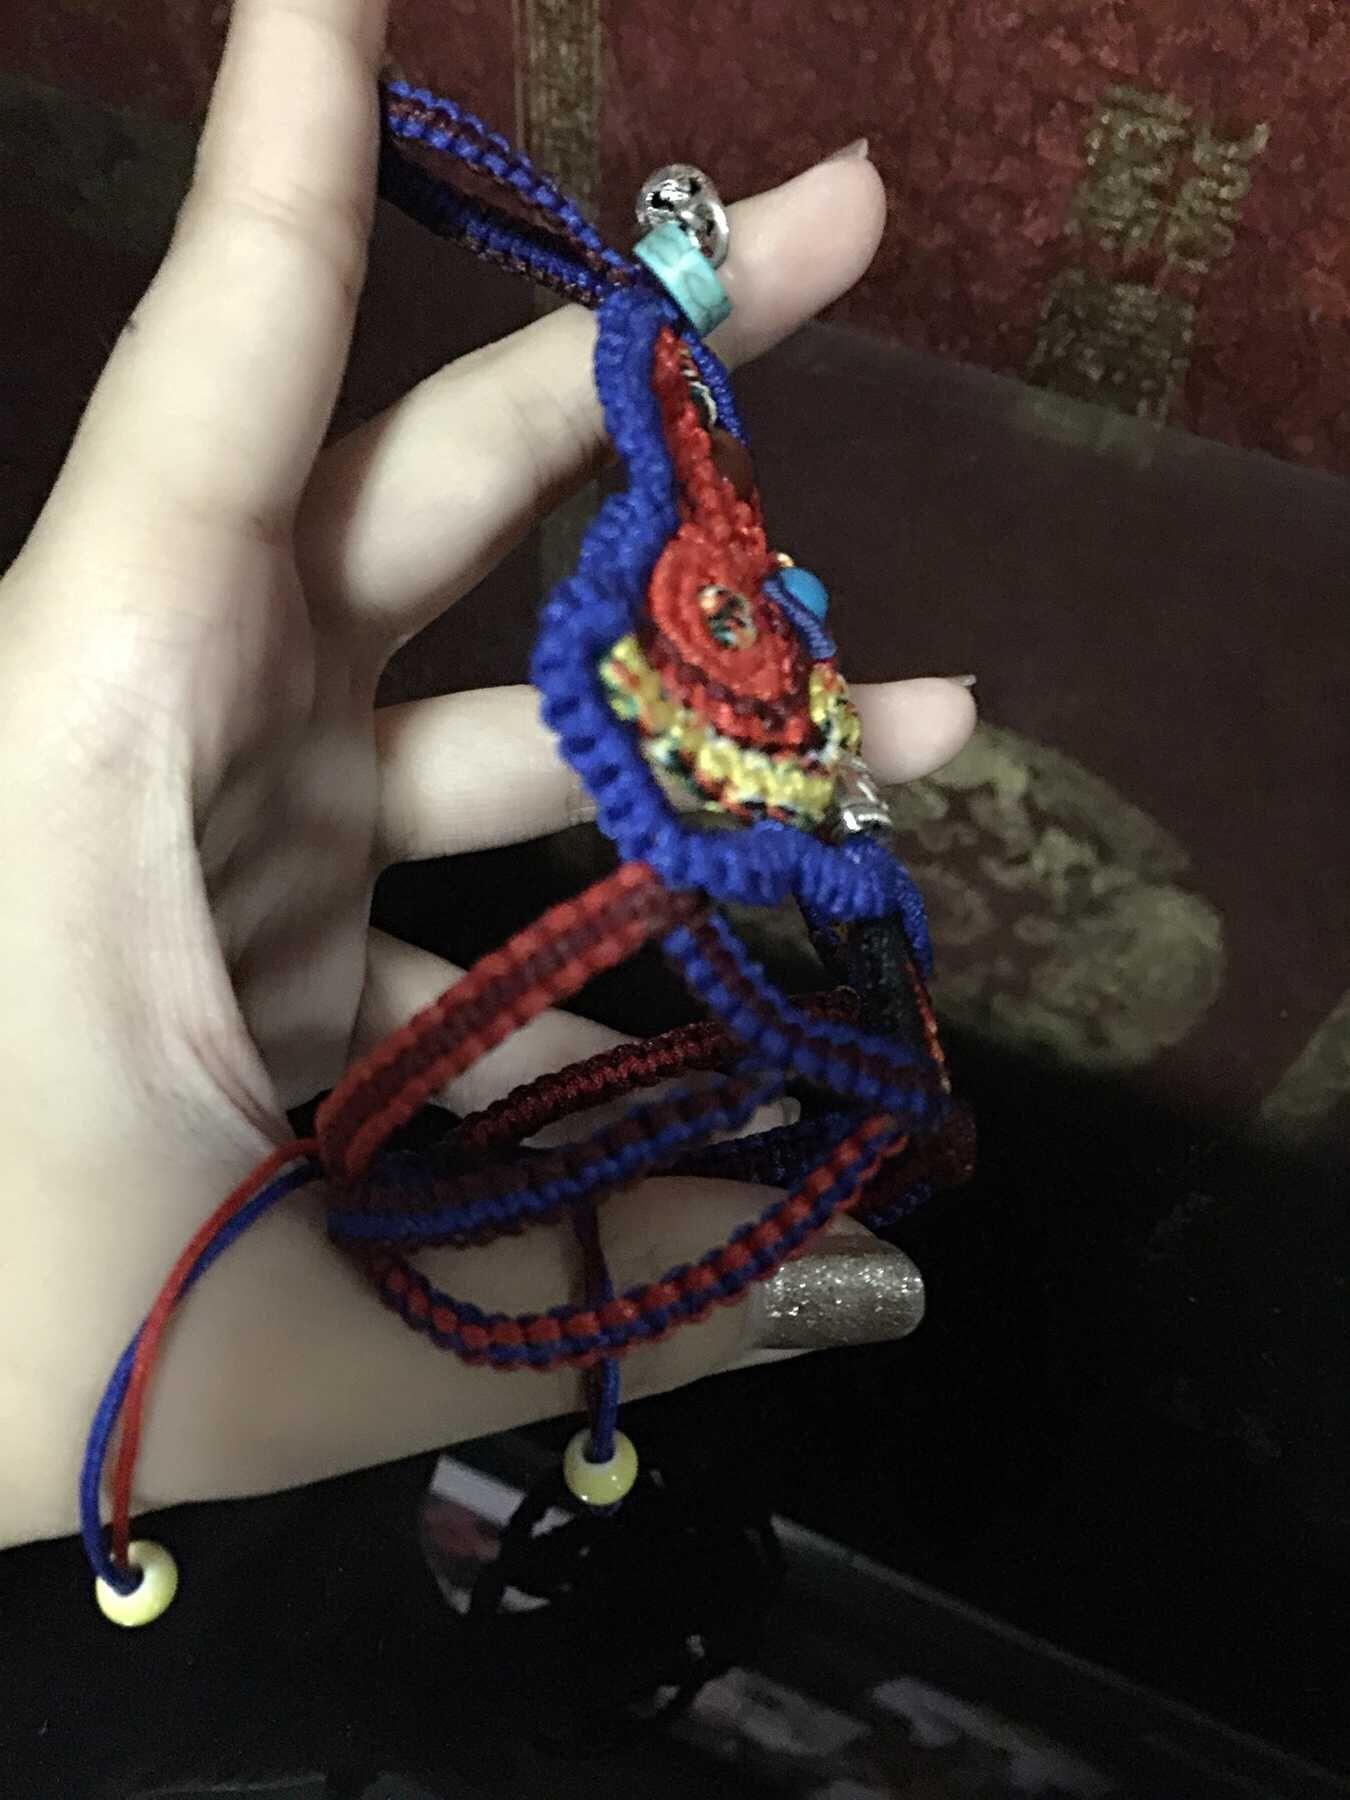 中国结论坛 我编的带在手背上的民族风饰品,第一次自己设计,感觉棒棒哒 民族,饰品 作品展示 120619e6gnnvwyukzvzp3x